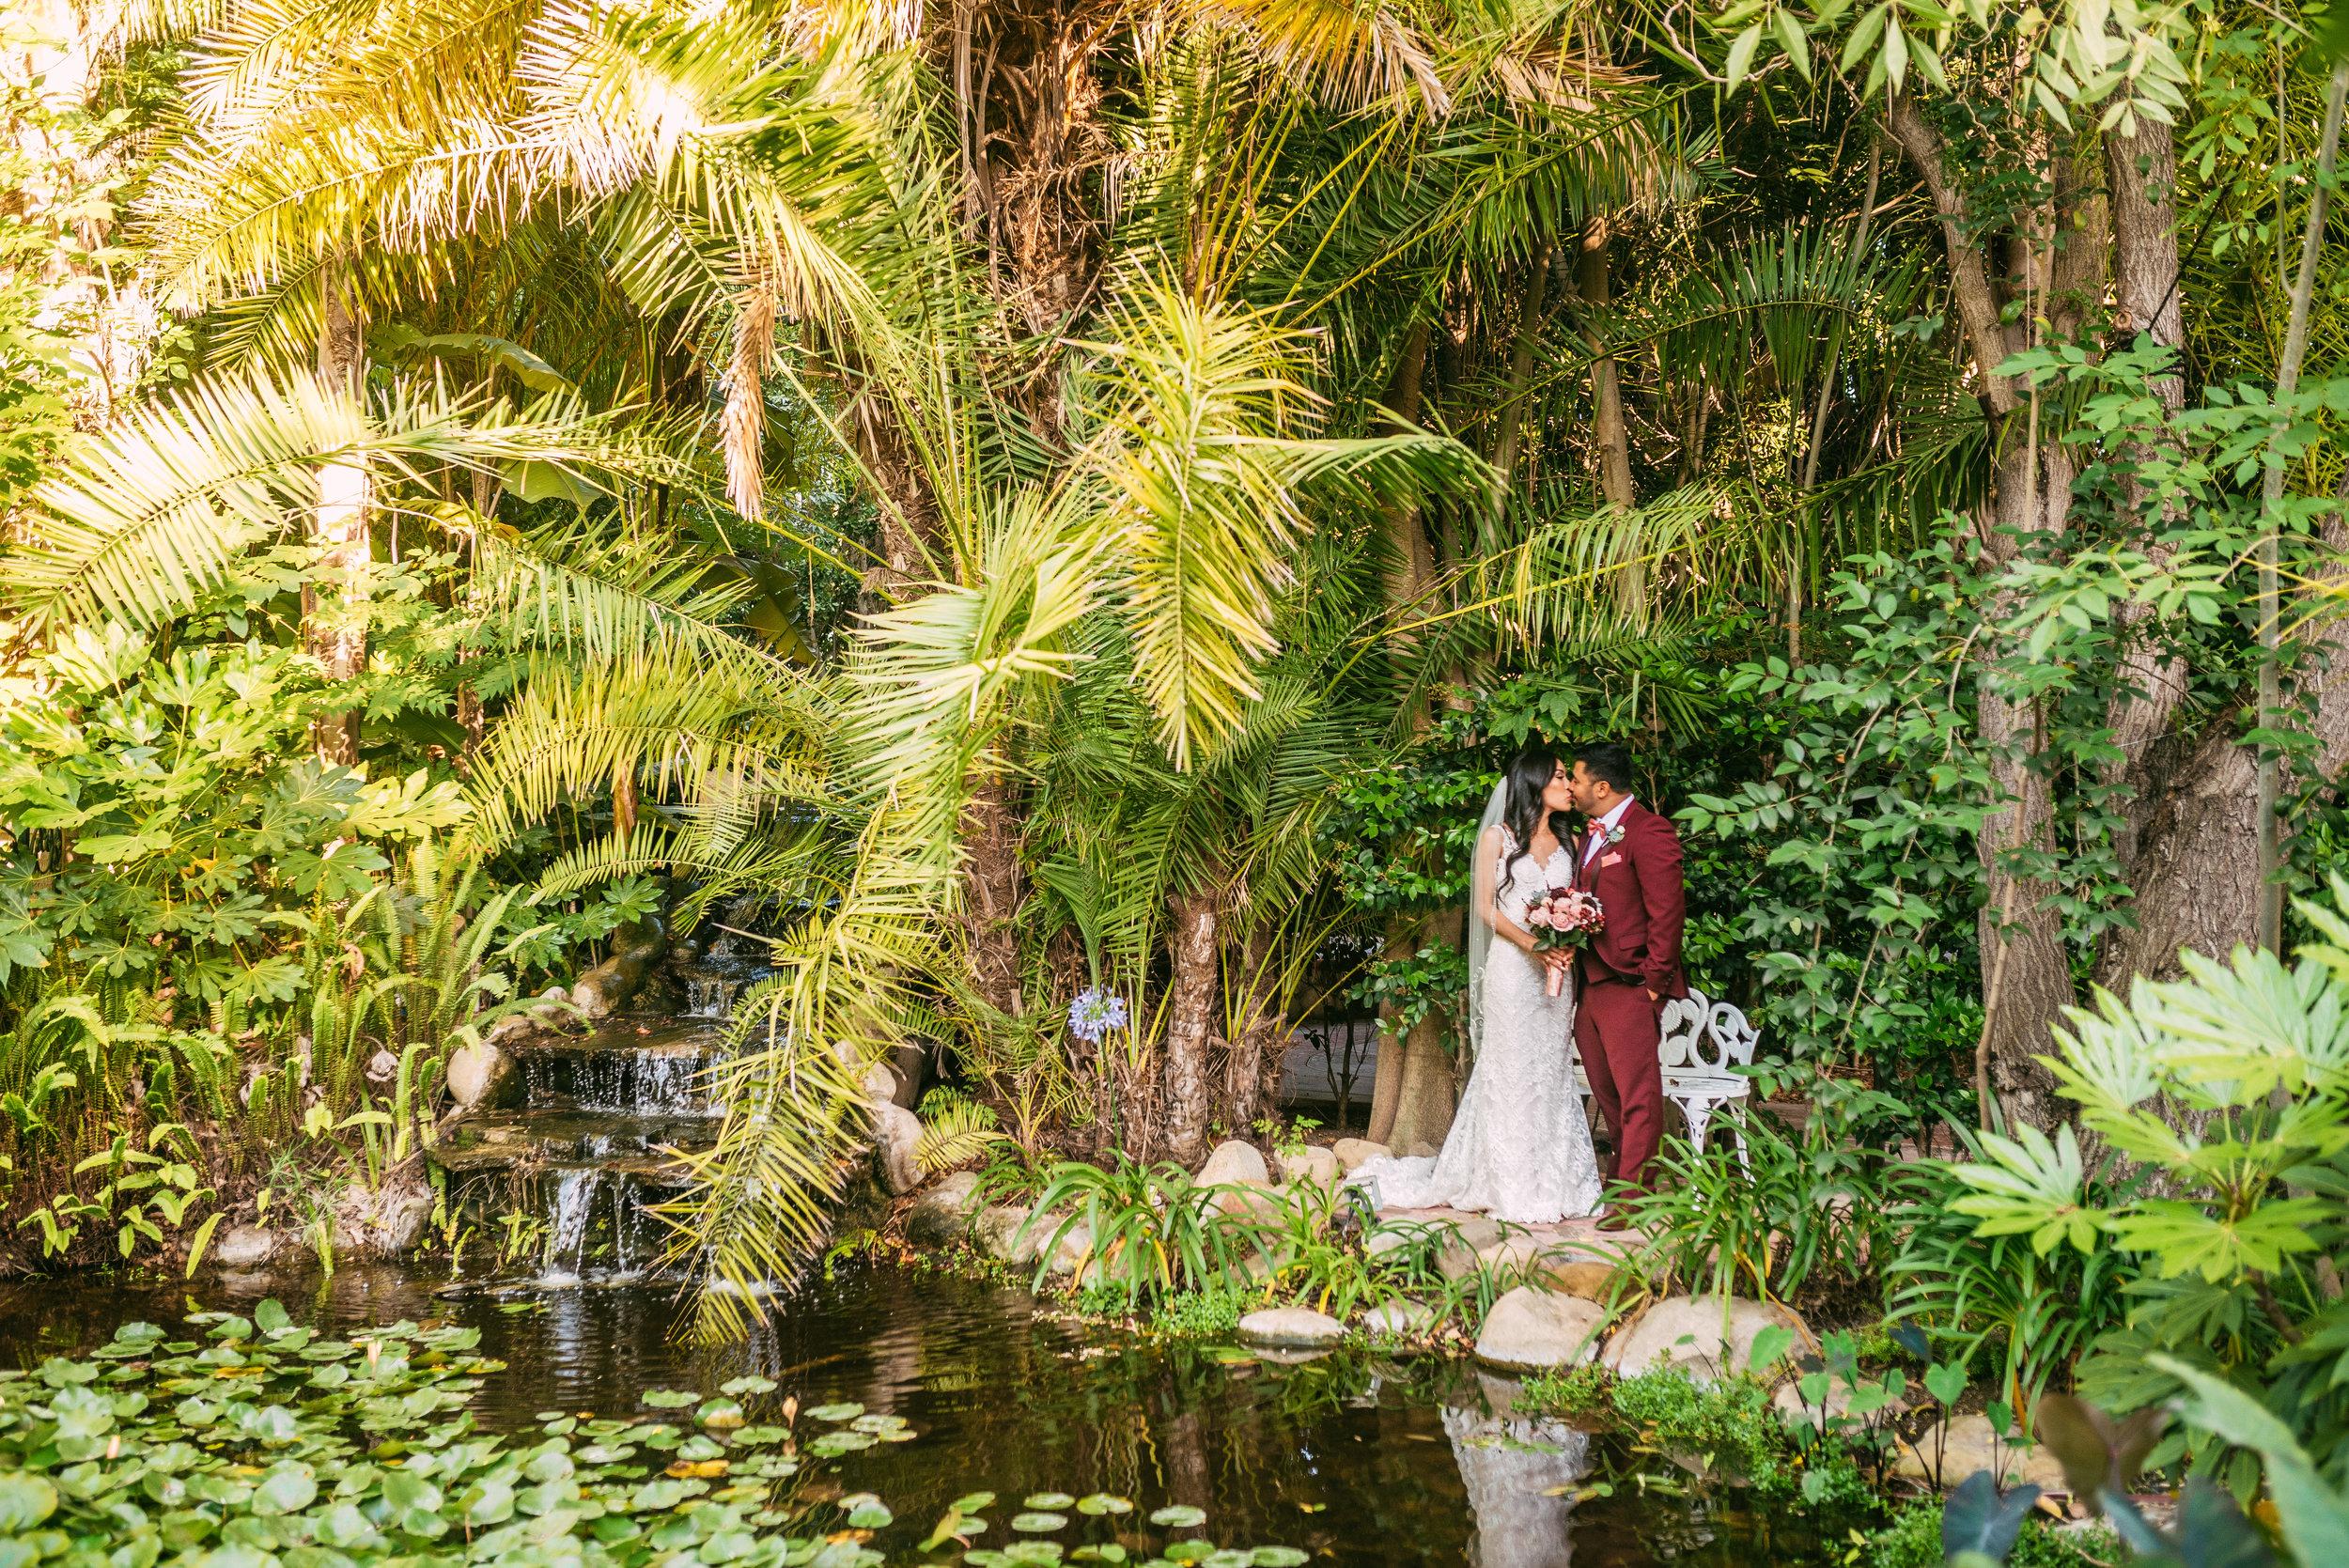 eden-garden-moorpark-wedding-nick-veronica-1.jpg